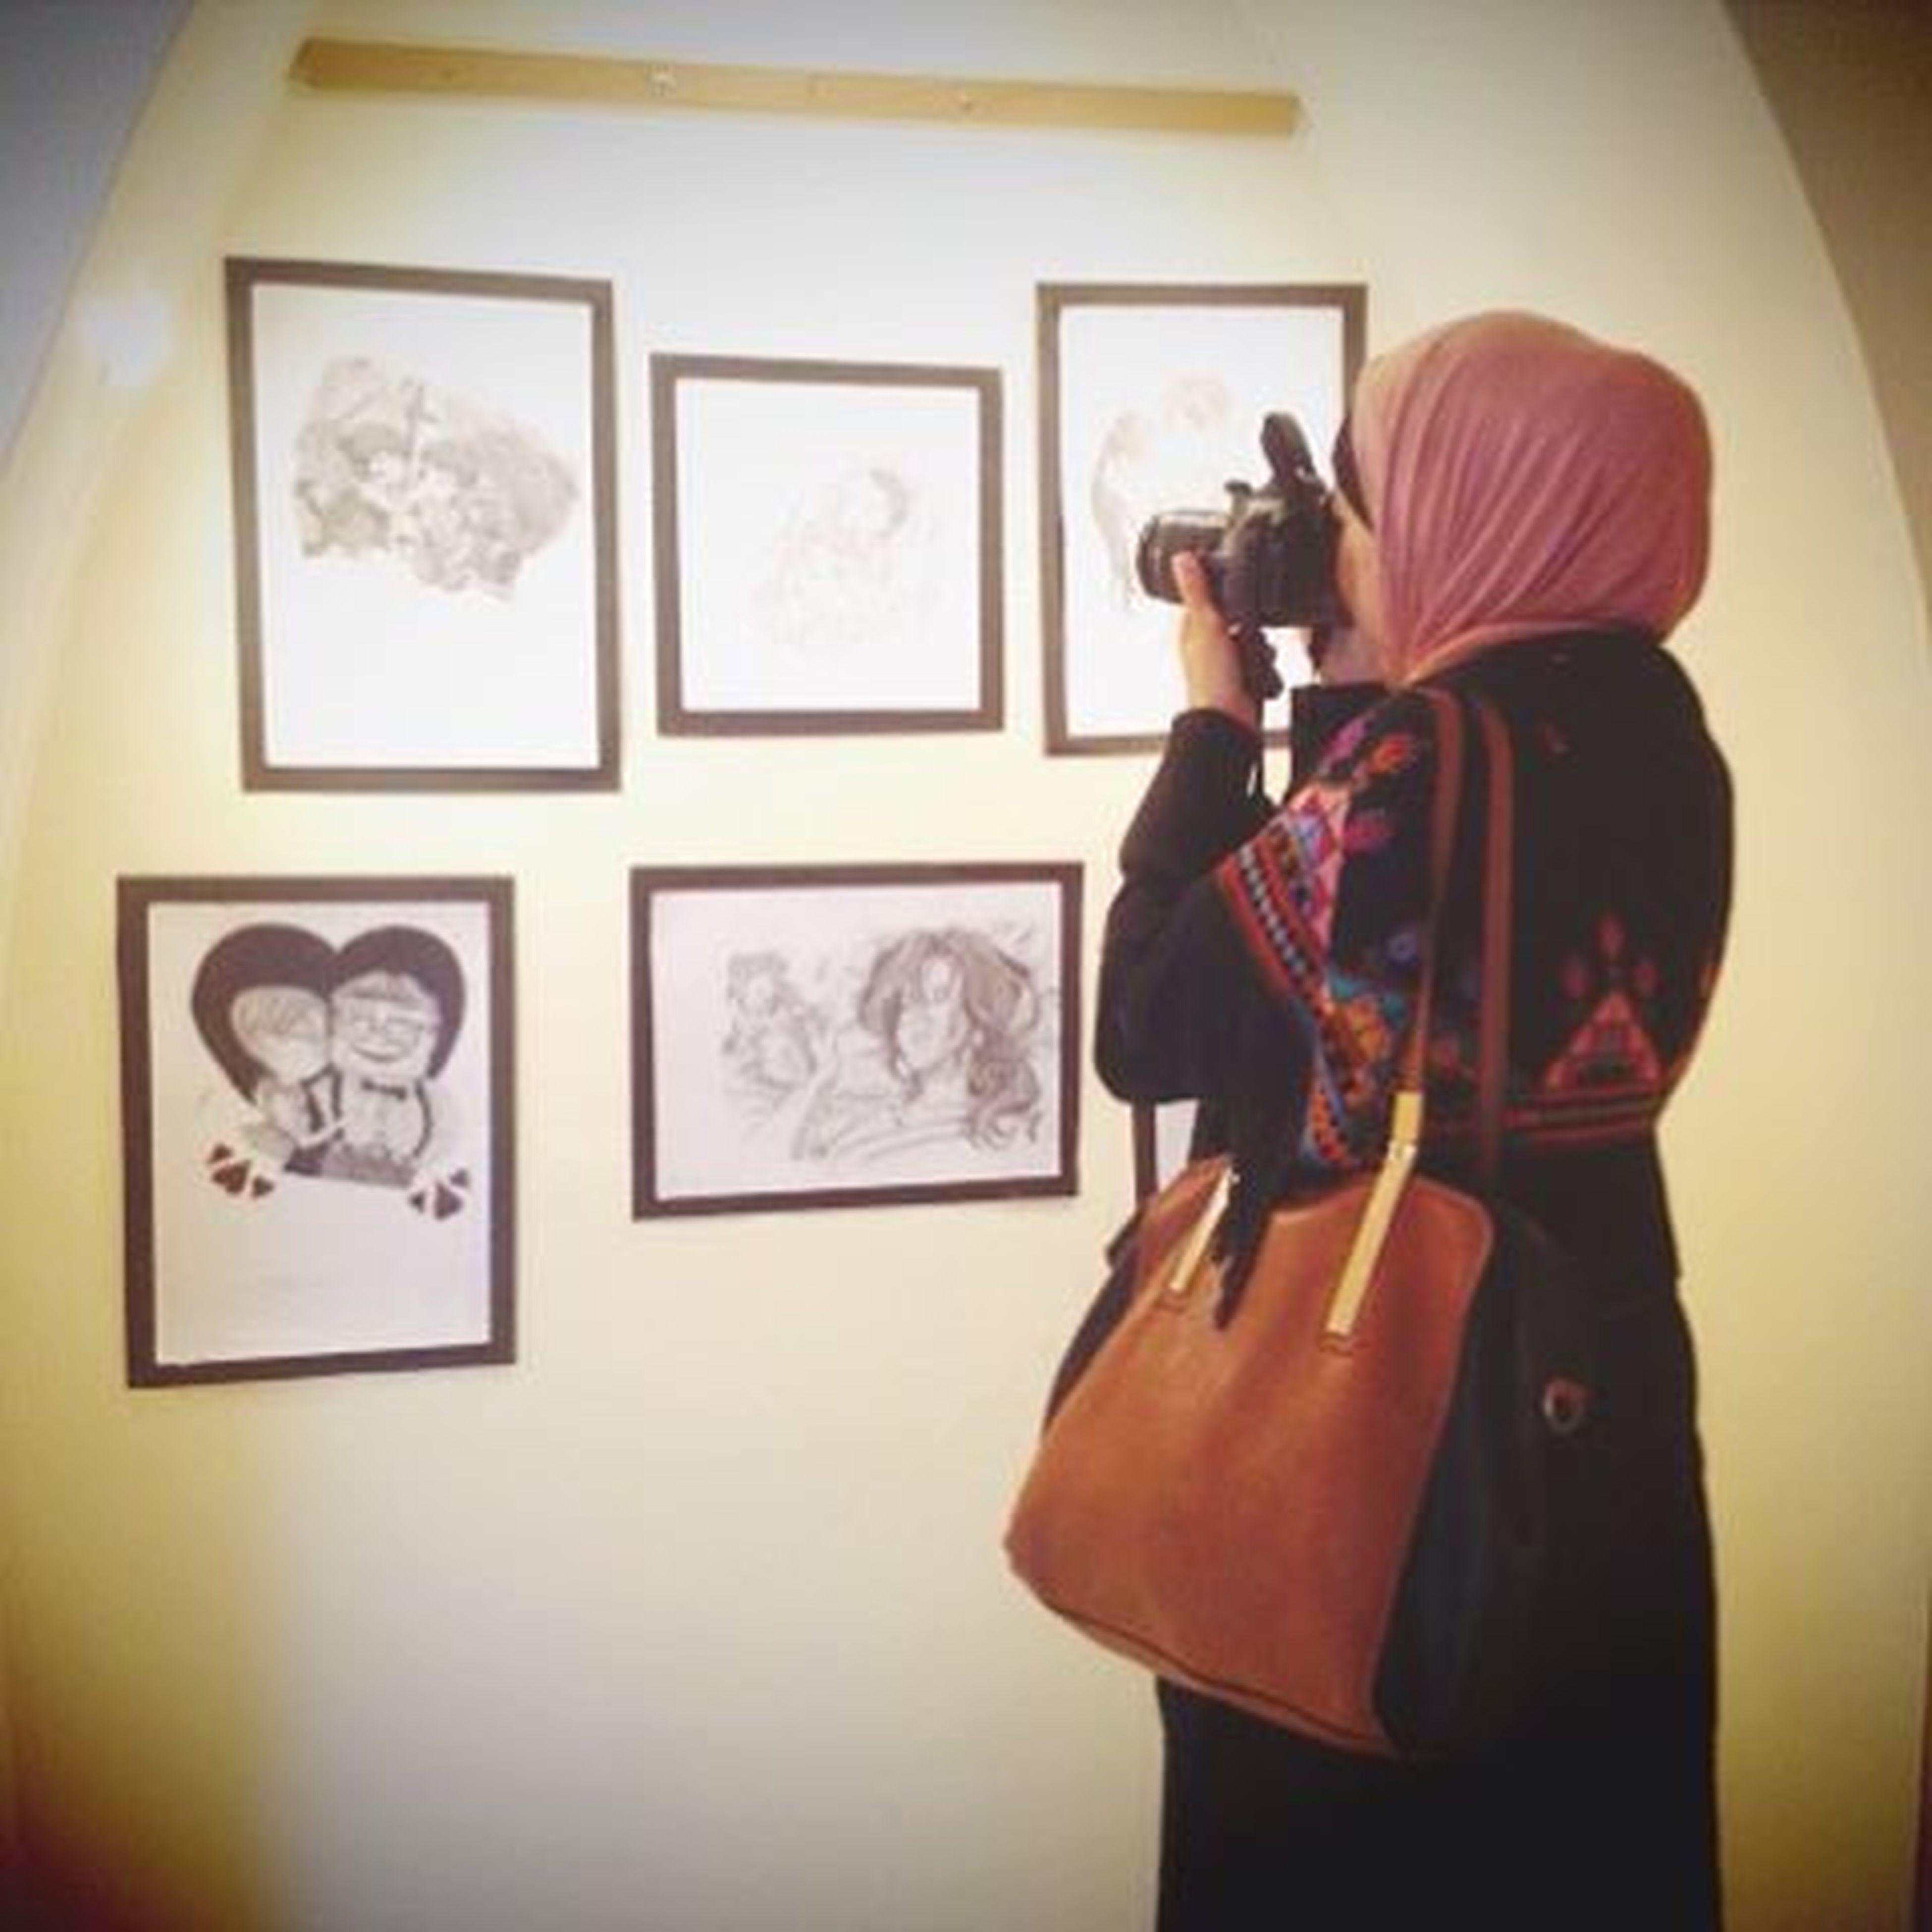 في معرض الانمي_حياتي للفنان محمد الدلو 📷📸